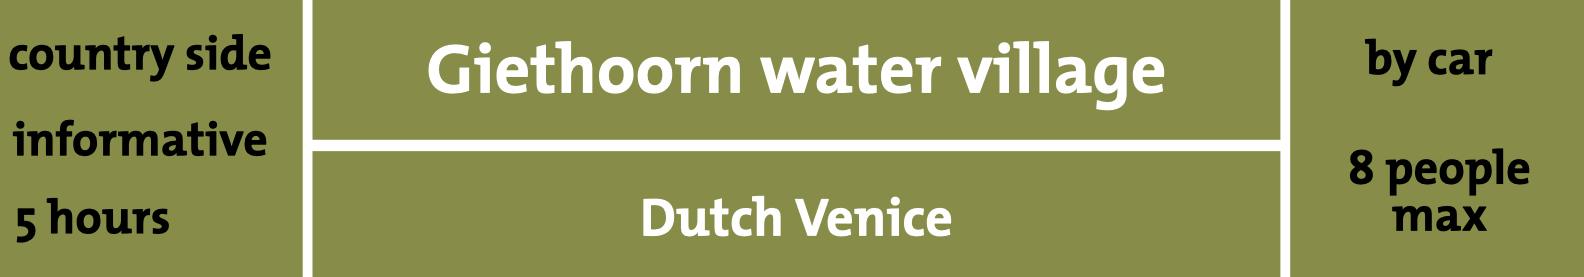 Giethoorn water village